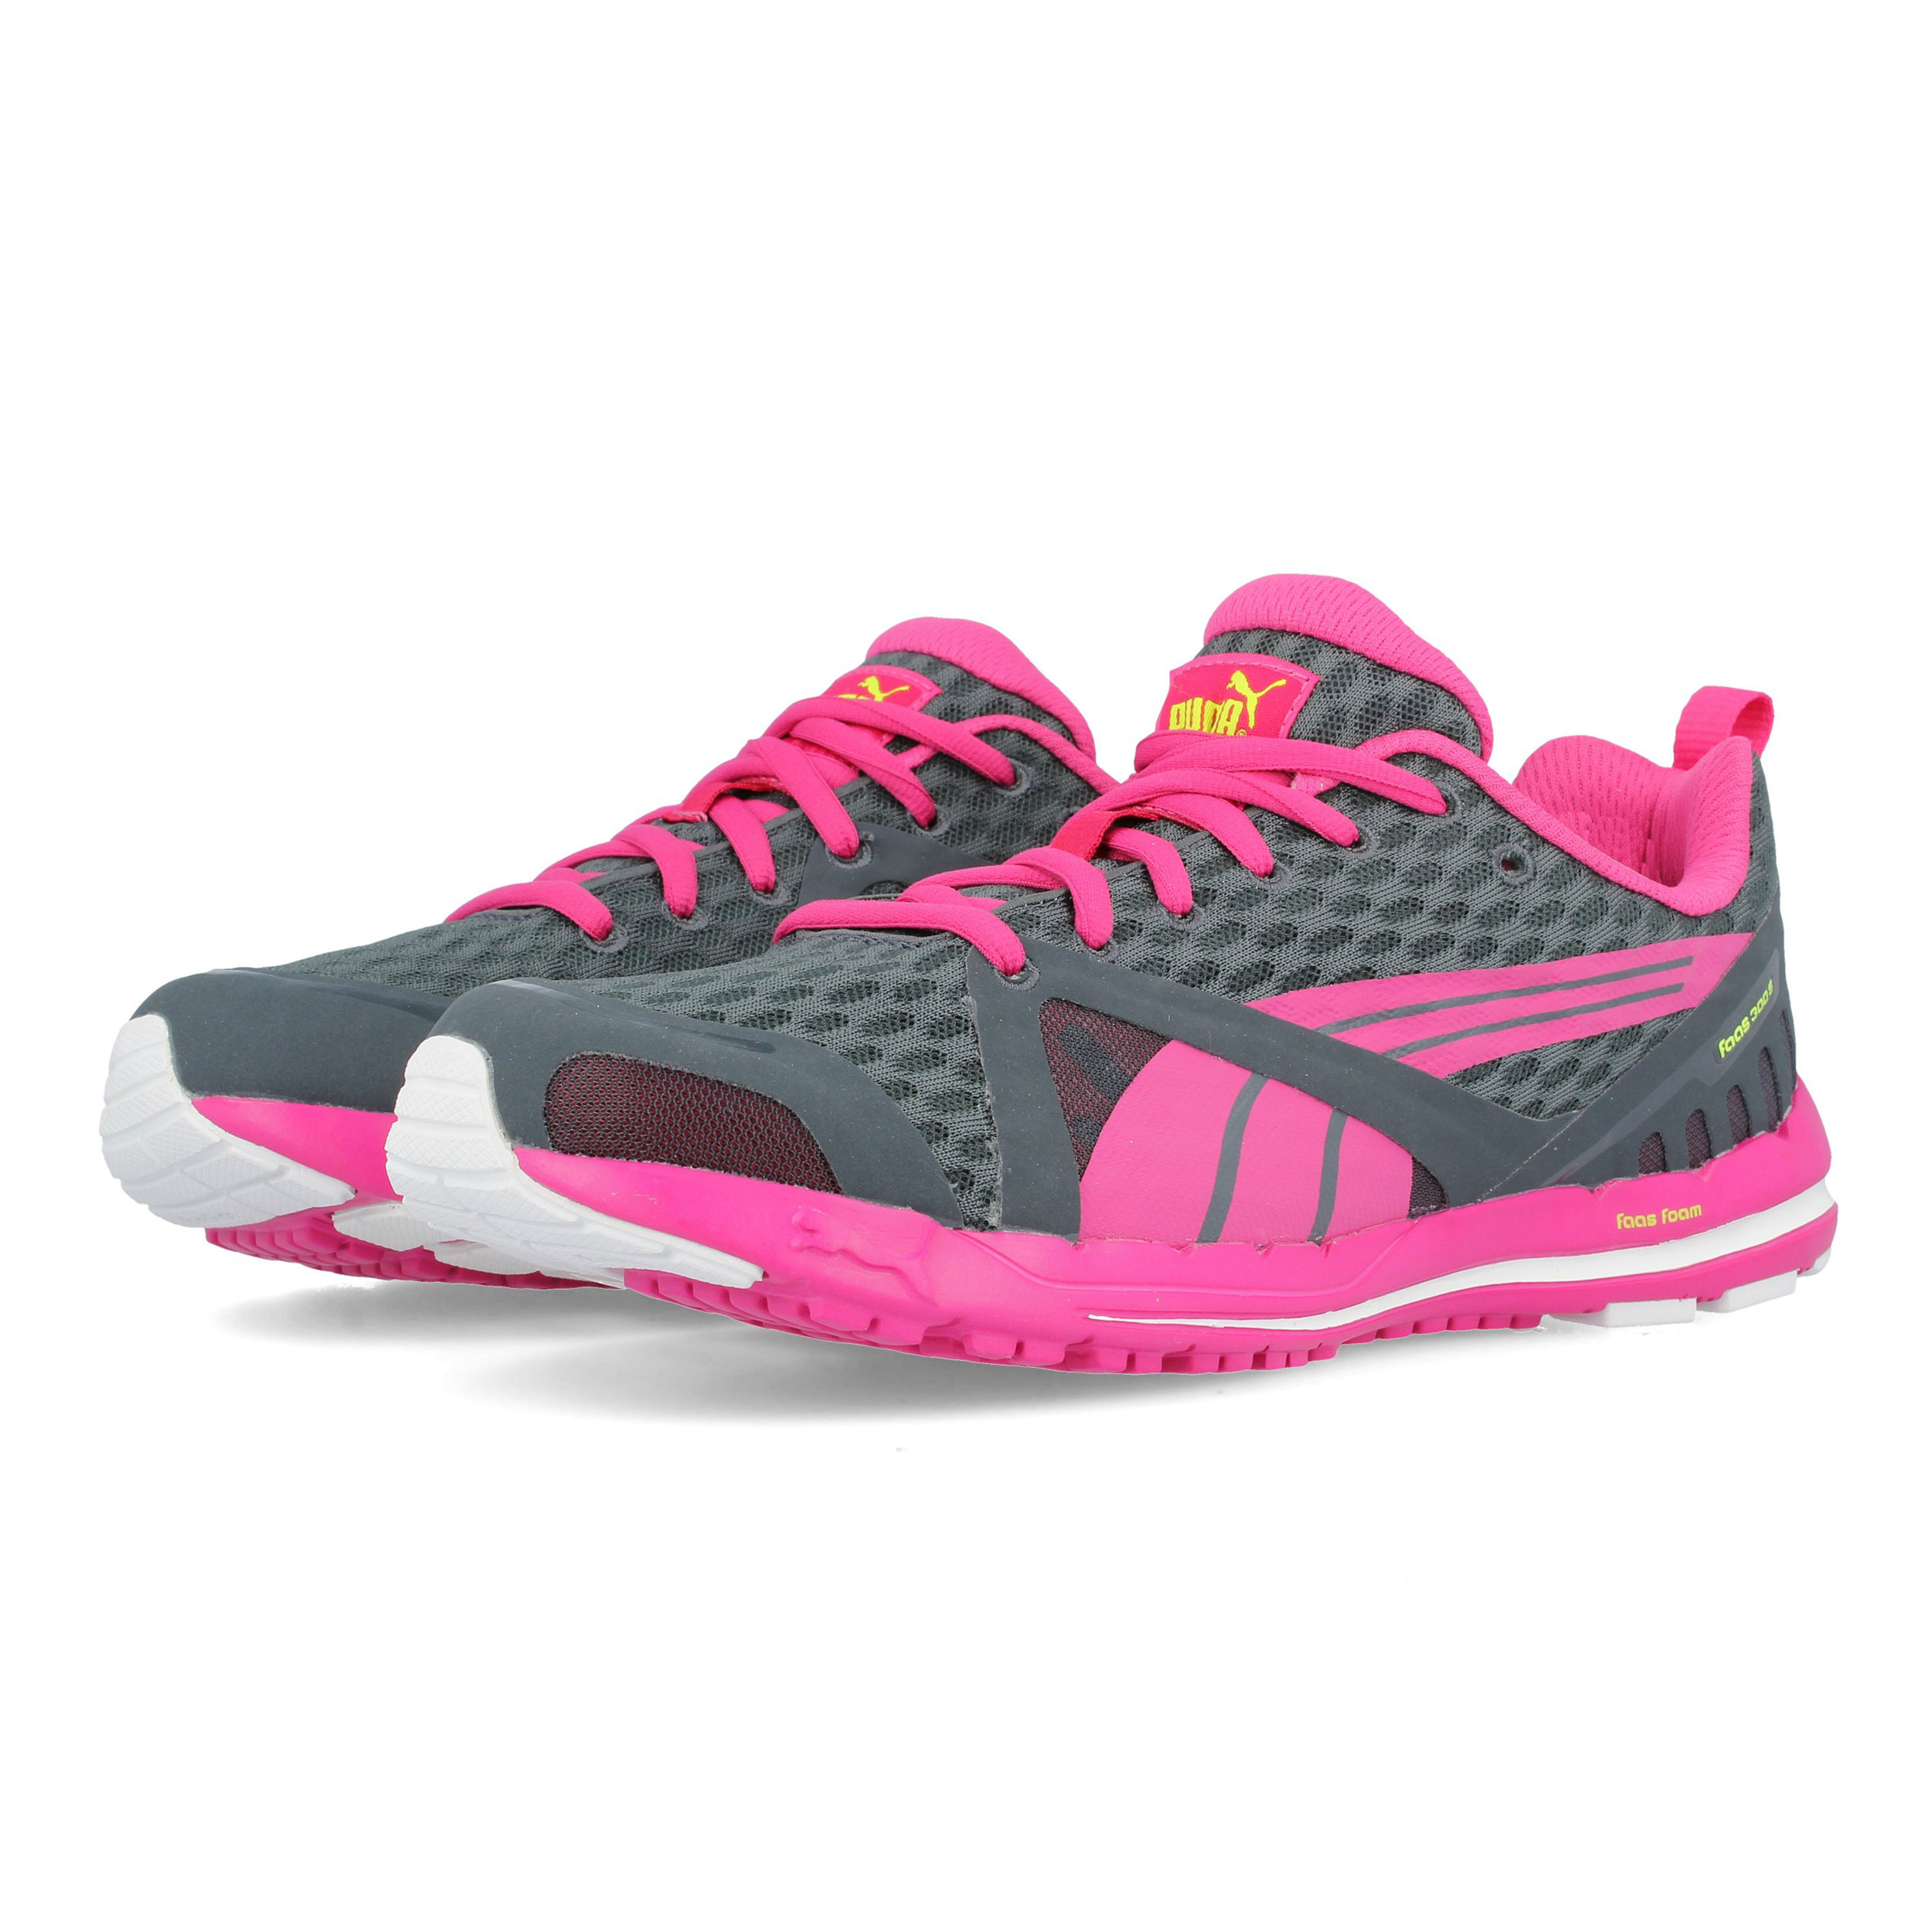 f3f1895c23935e Puma Damen Faas 300 Sport Schuhe Jogging Turnschuhe Laufschuhe Sneaker Grau